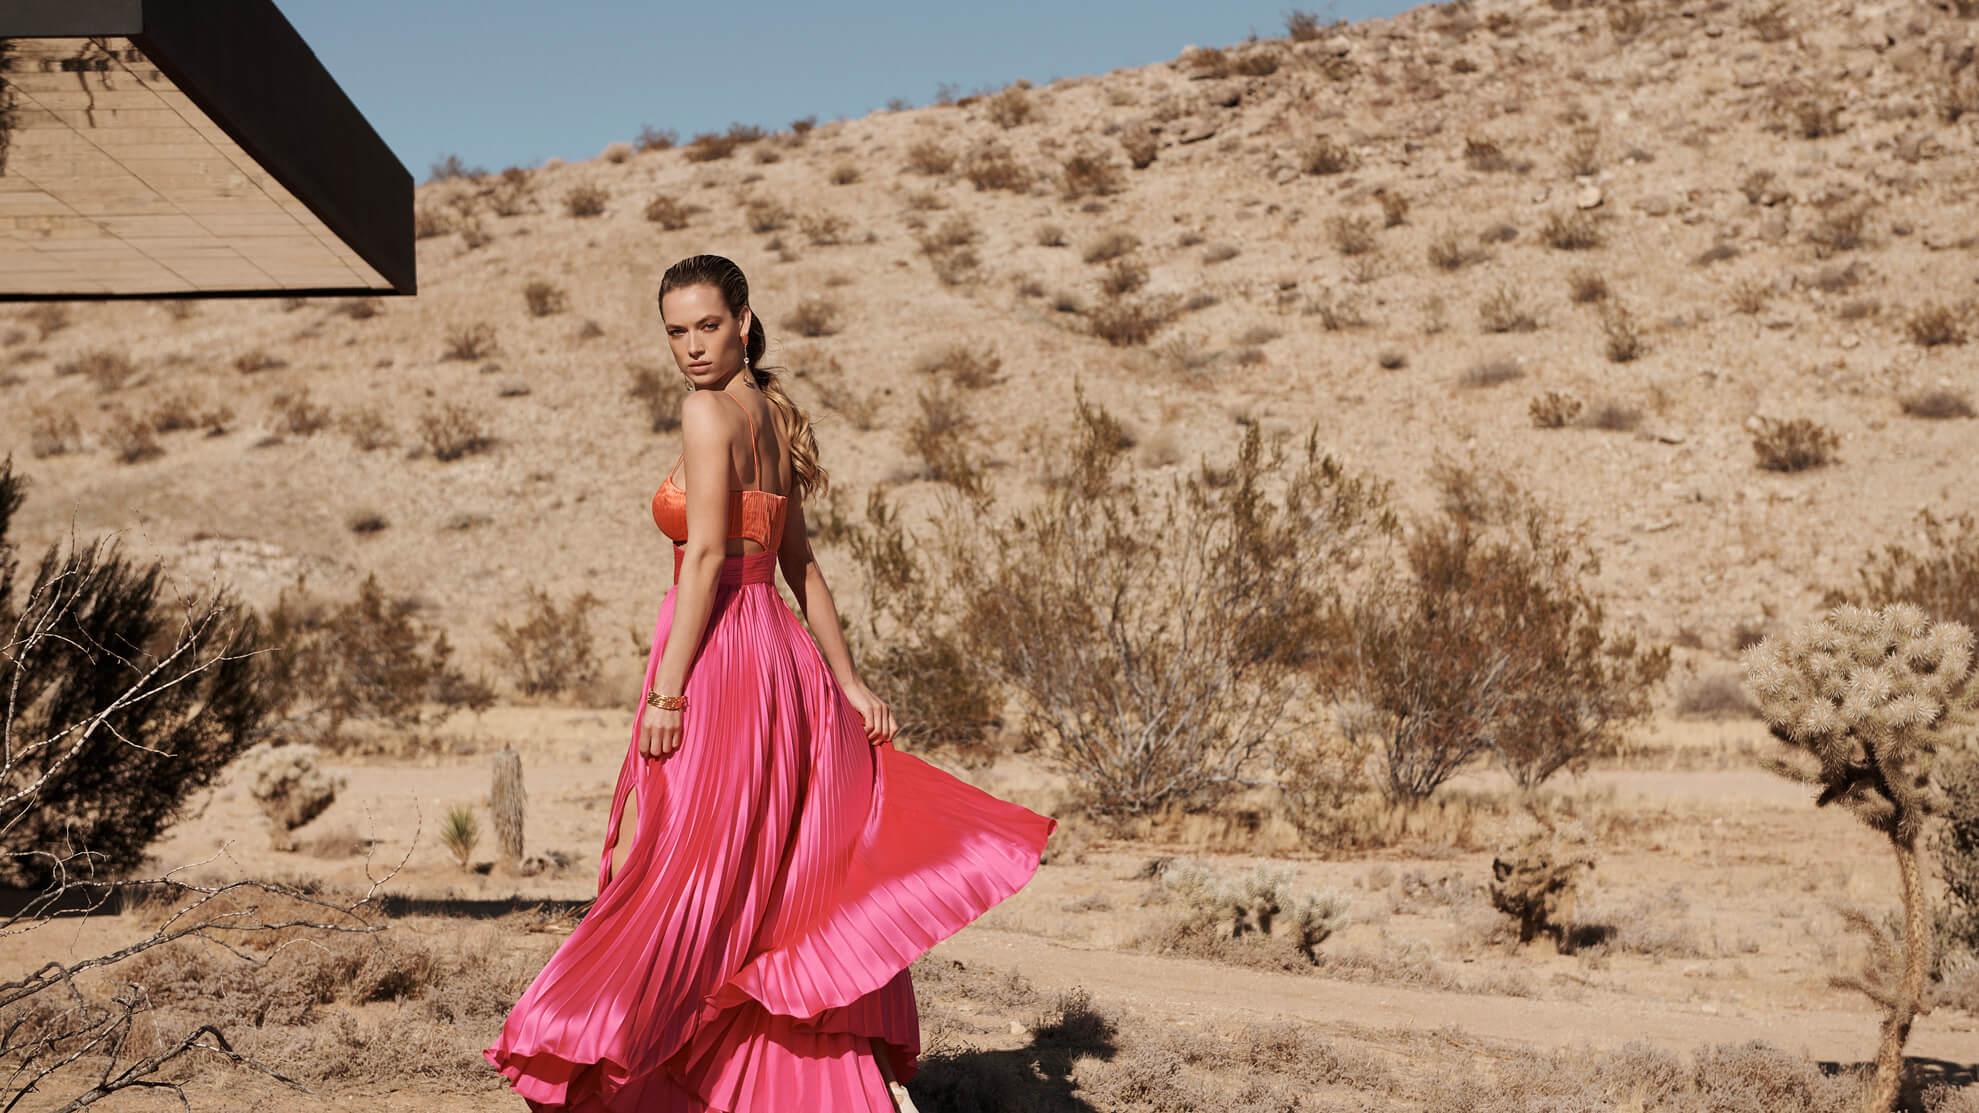 Woman Modeling in the Desert